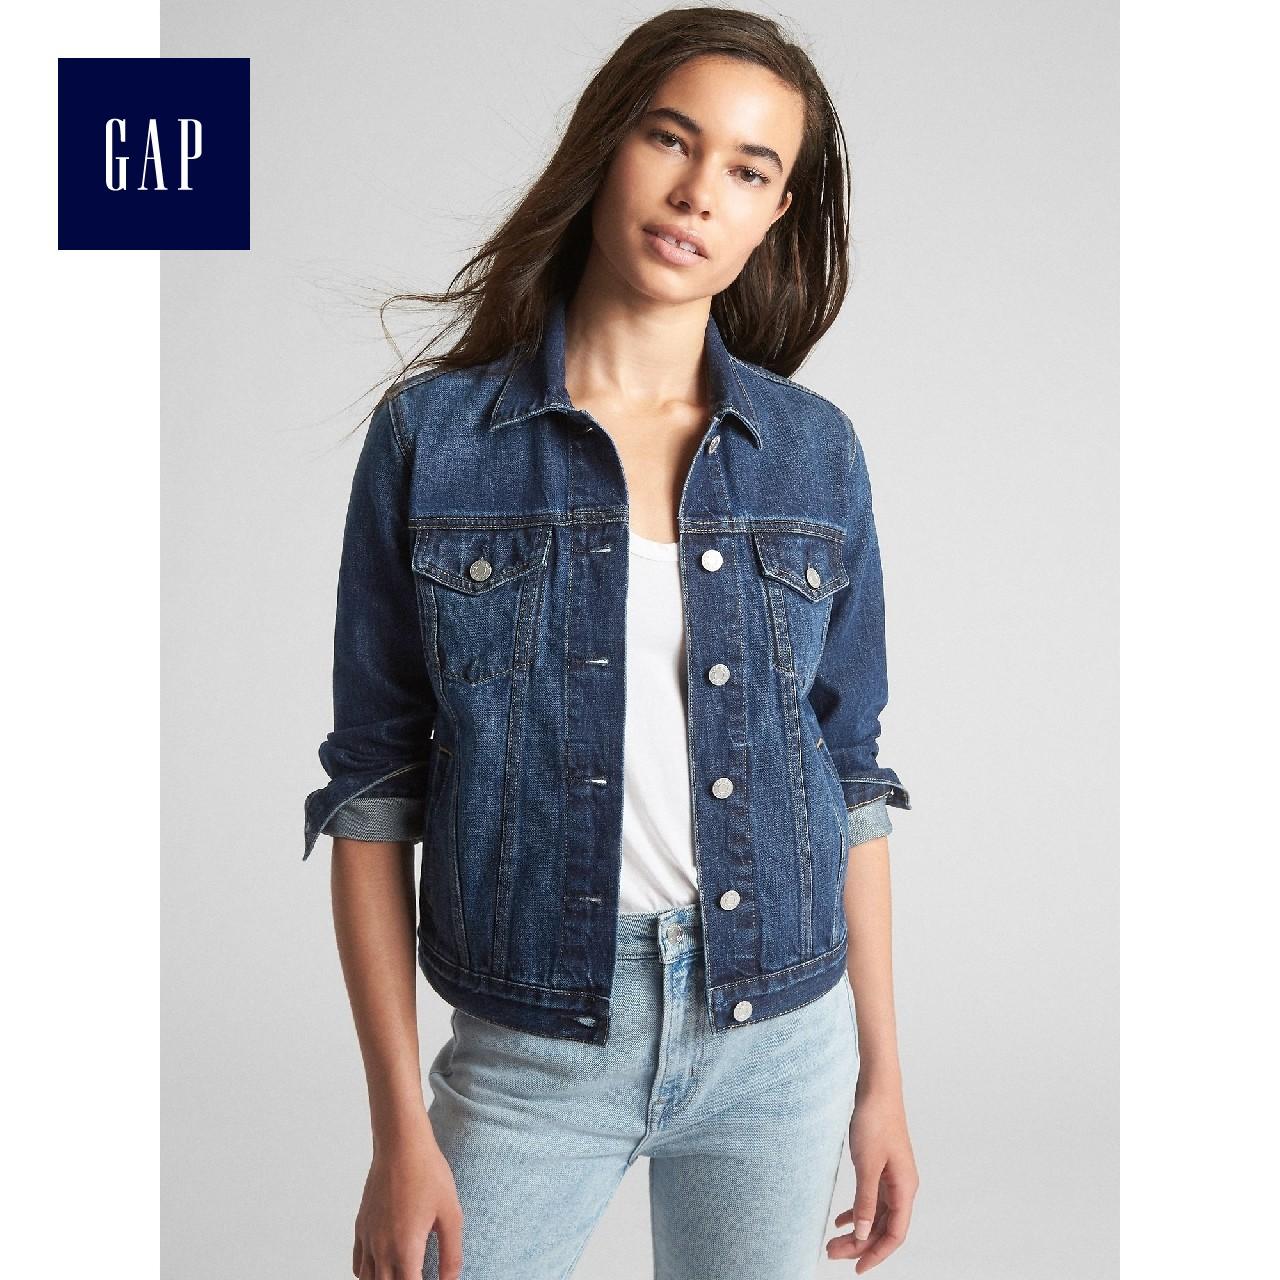 Gap女装纯棉短款牛仔外套春366189 长袖上衣开襟女士深色休闲夹克